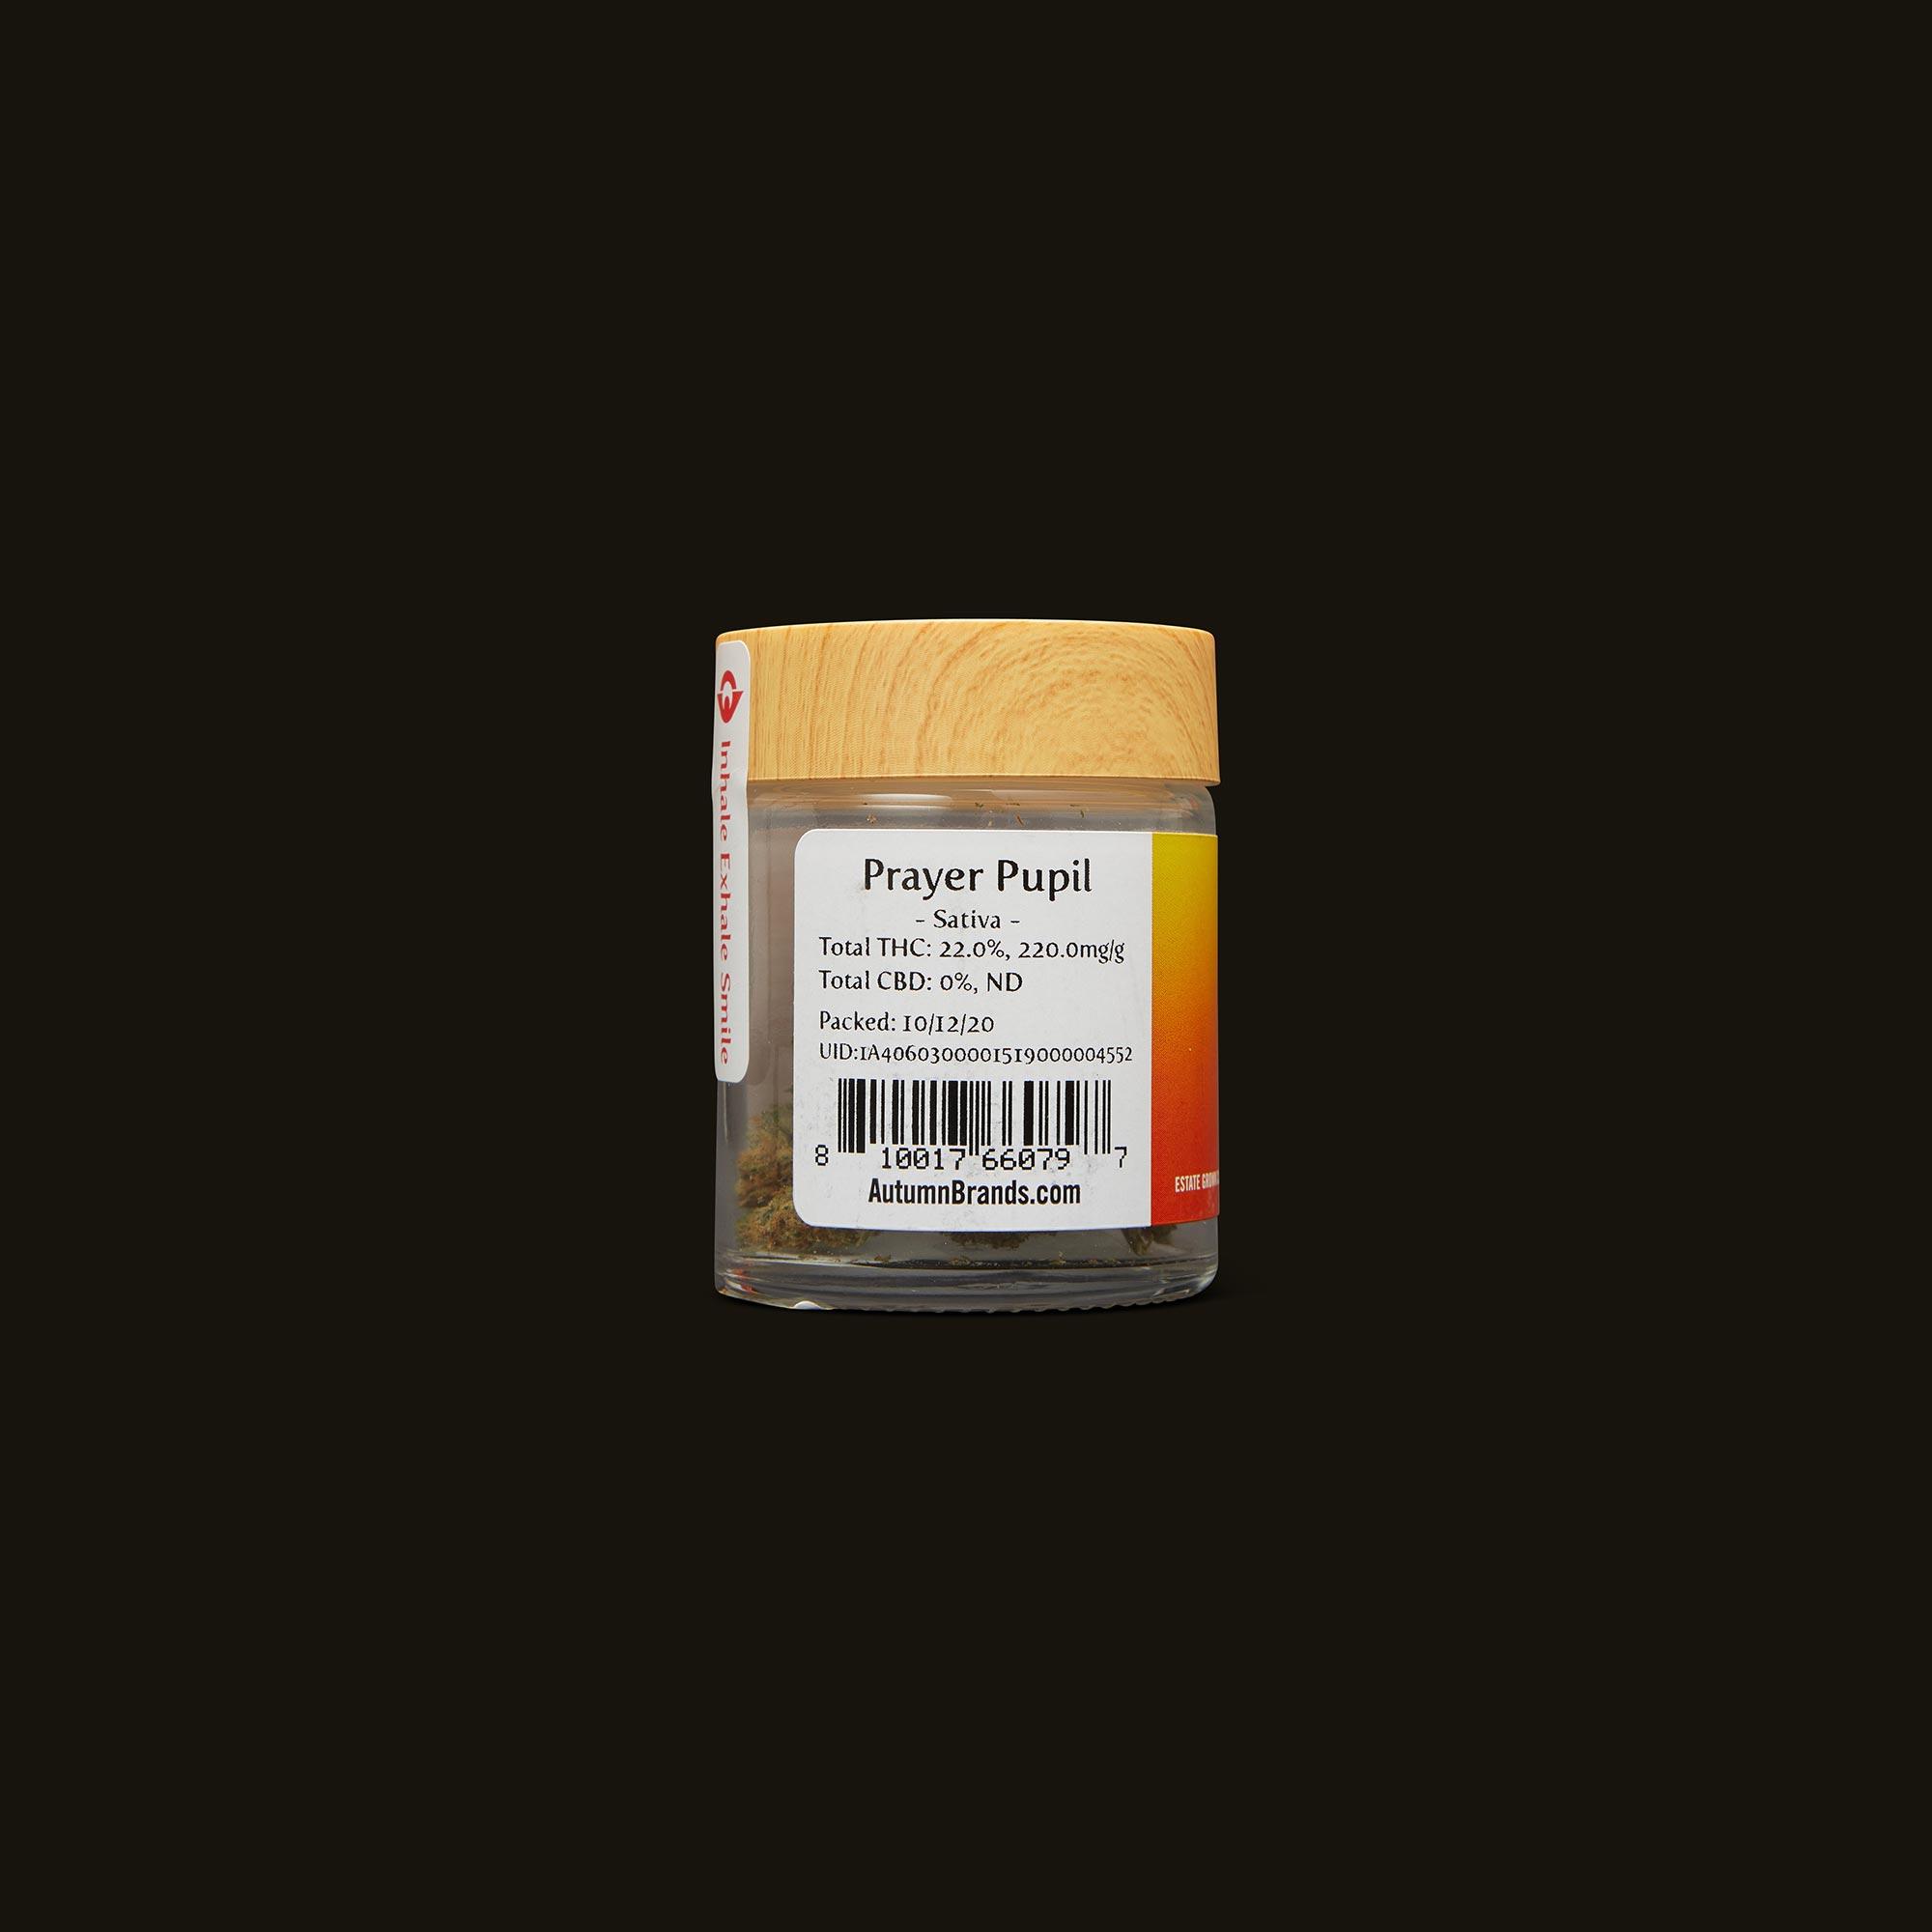 Autumn Brands Prayer Pupil Back Packaging